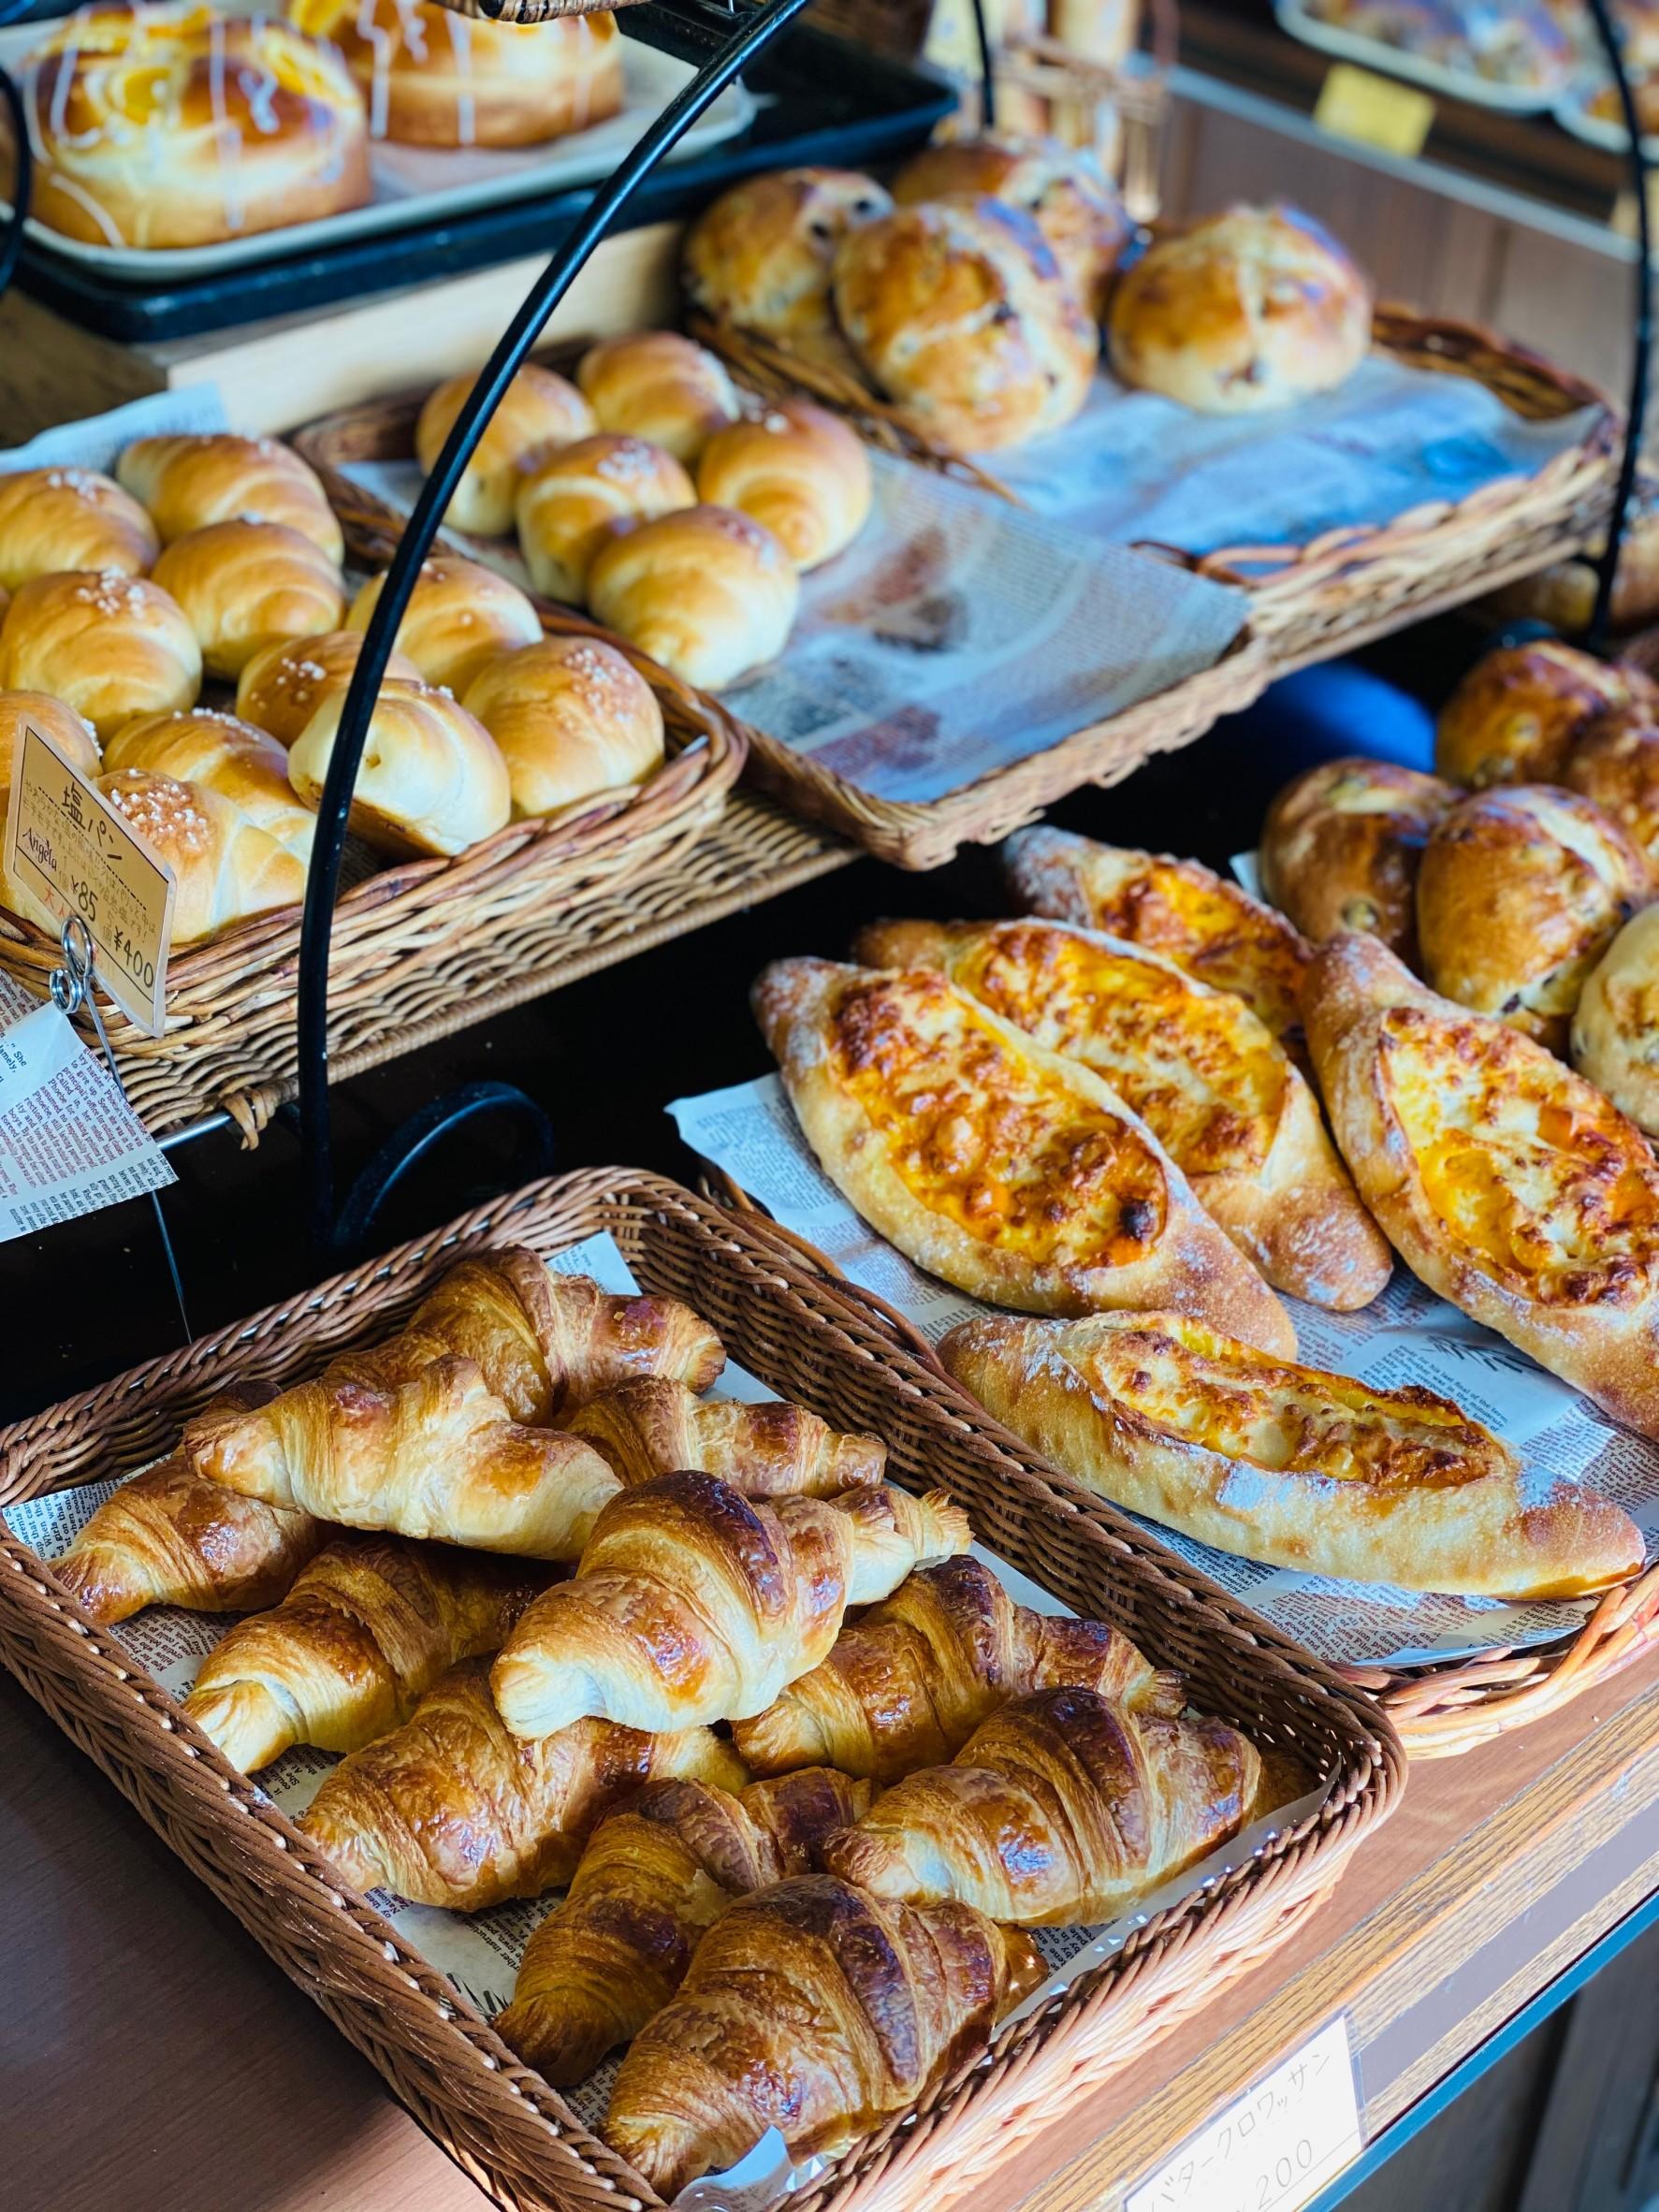 北区の美味しいパン屋さん『石窯パン工房Angela(アンジェラ) 大宮店』で『明太子ラウンド』『豆パン』他買って食べてみた。